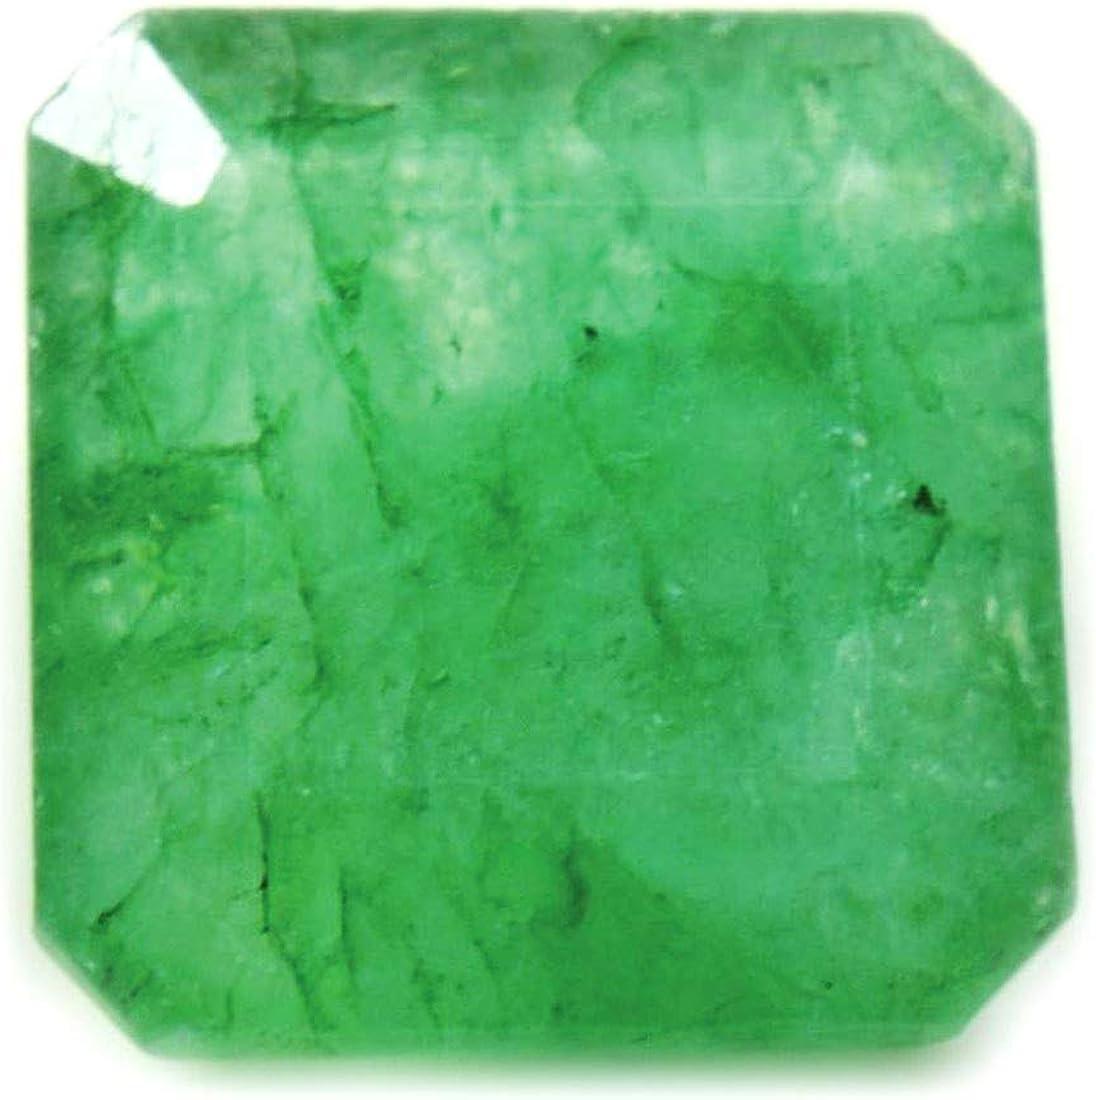 Gemsyogi 10X10 MM Taille Naturel Emearld Pierre Vert Asscher Facettes L/âche Gemstone pour La Fabrication de Bijoux